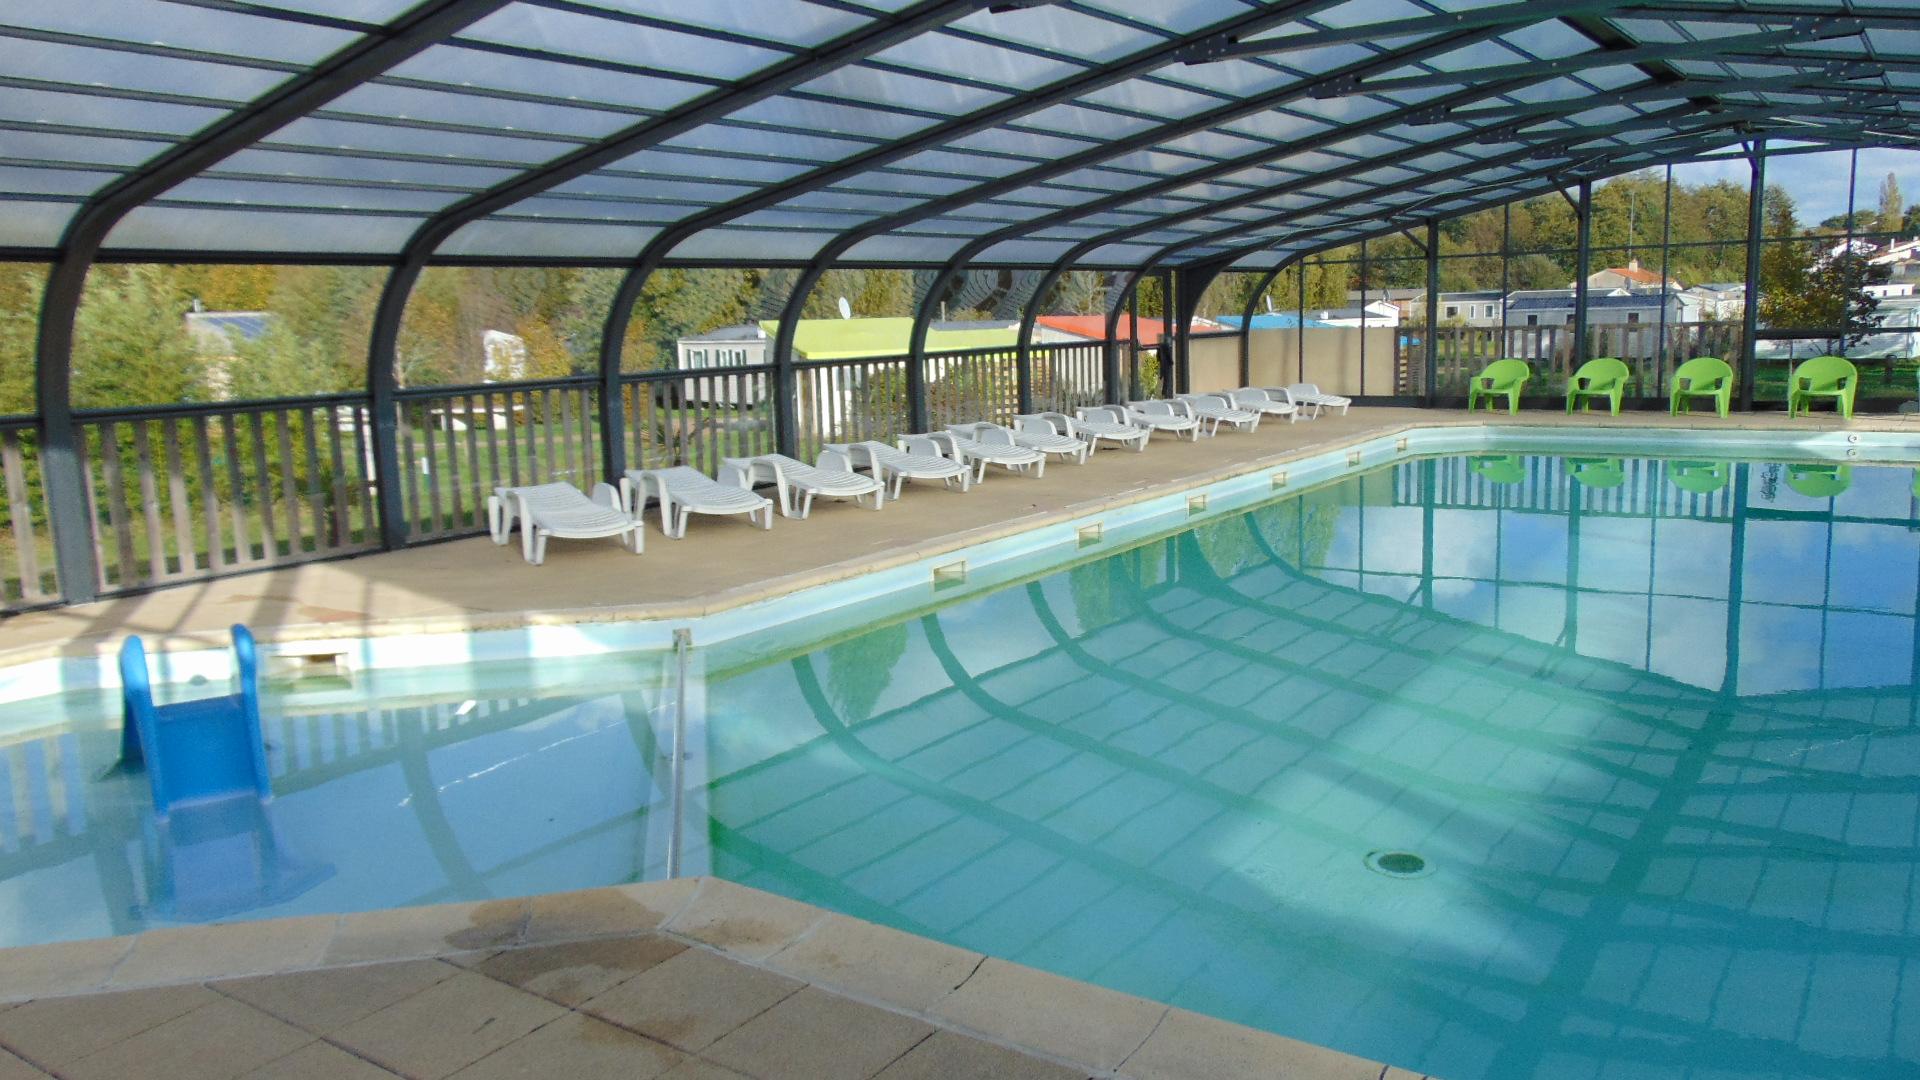 Camping vend e avec piscine couverte for Camping lozere avec piscine